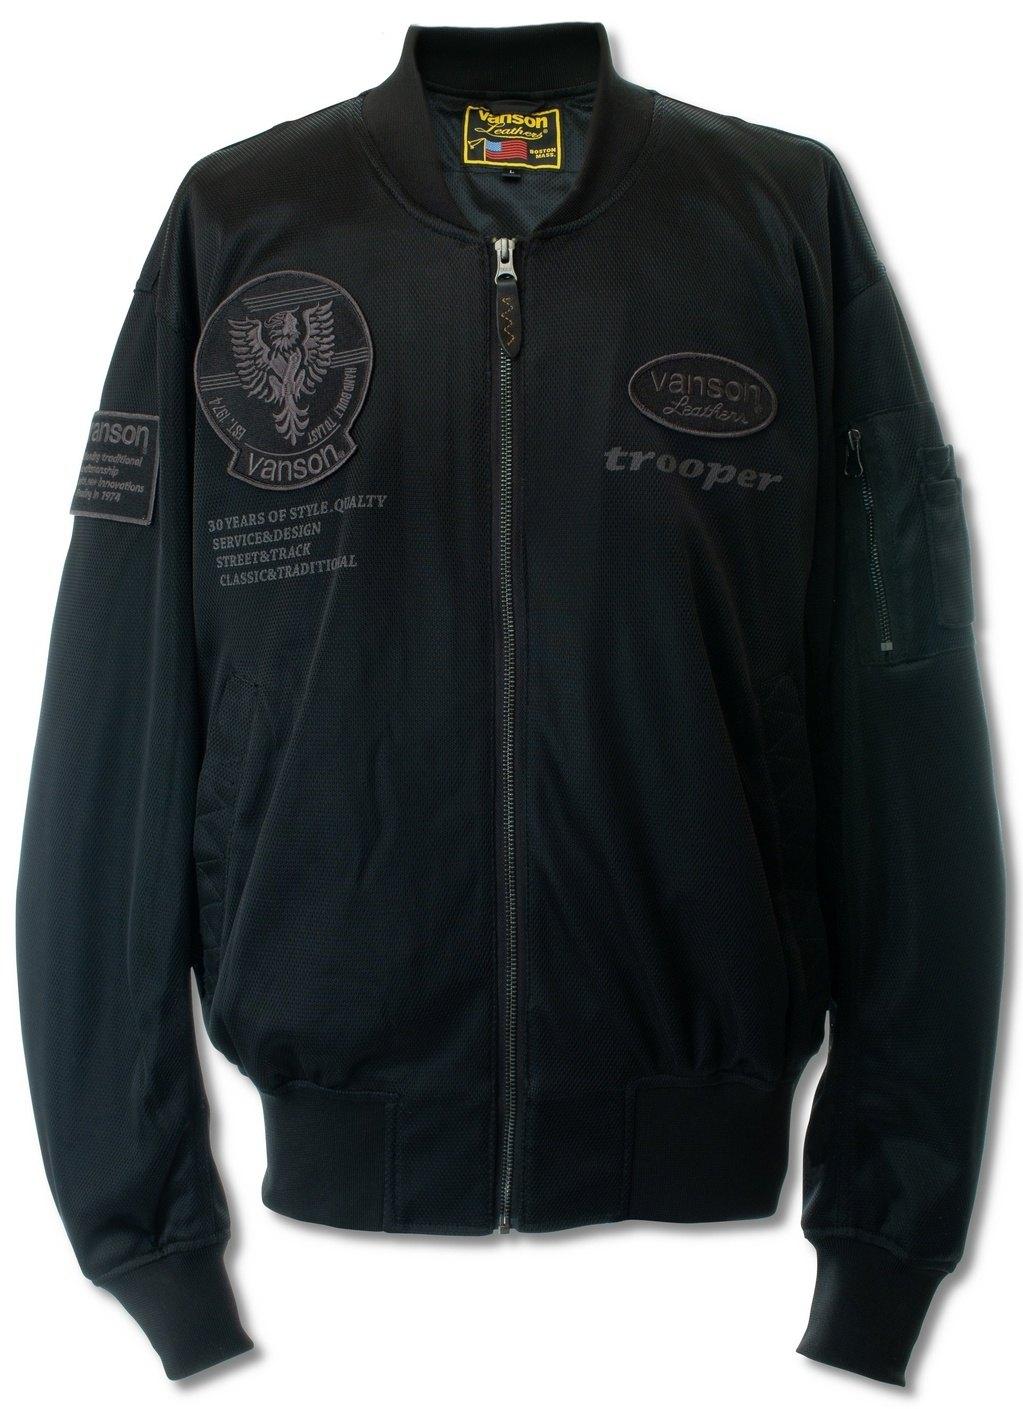 VANSONバンソン メッシュジャケット 日本正規品 メッシュMA-1ジャケット VANSON 春の新作続々 バンソン サイズ:L